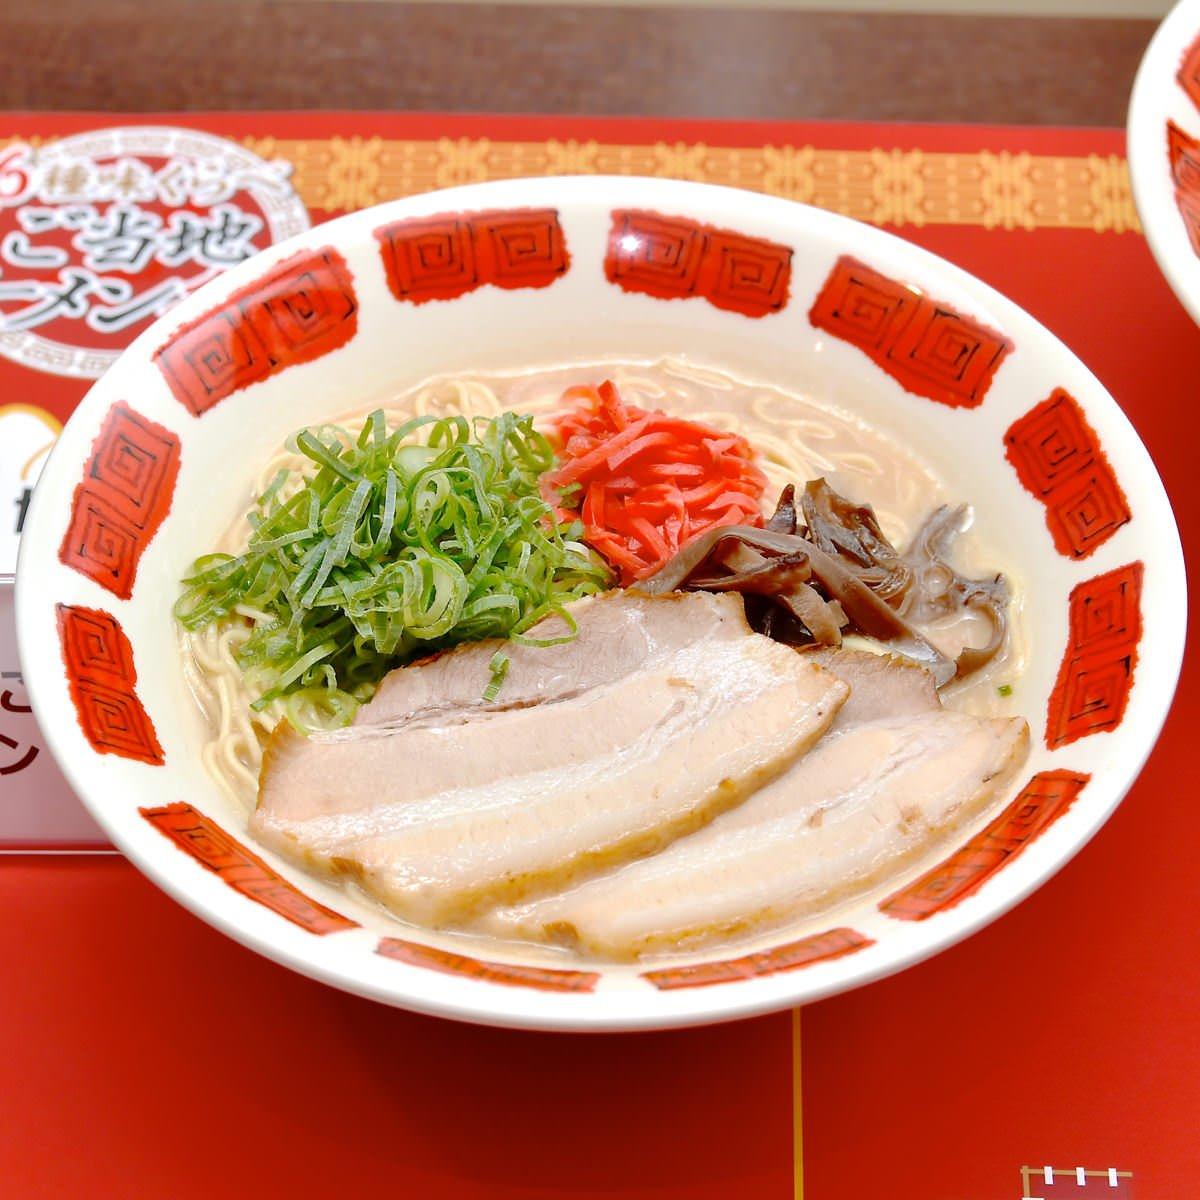 バーミヤン「6種味くらべ ご当地ラーメン祭り」博多とんこつラーメン